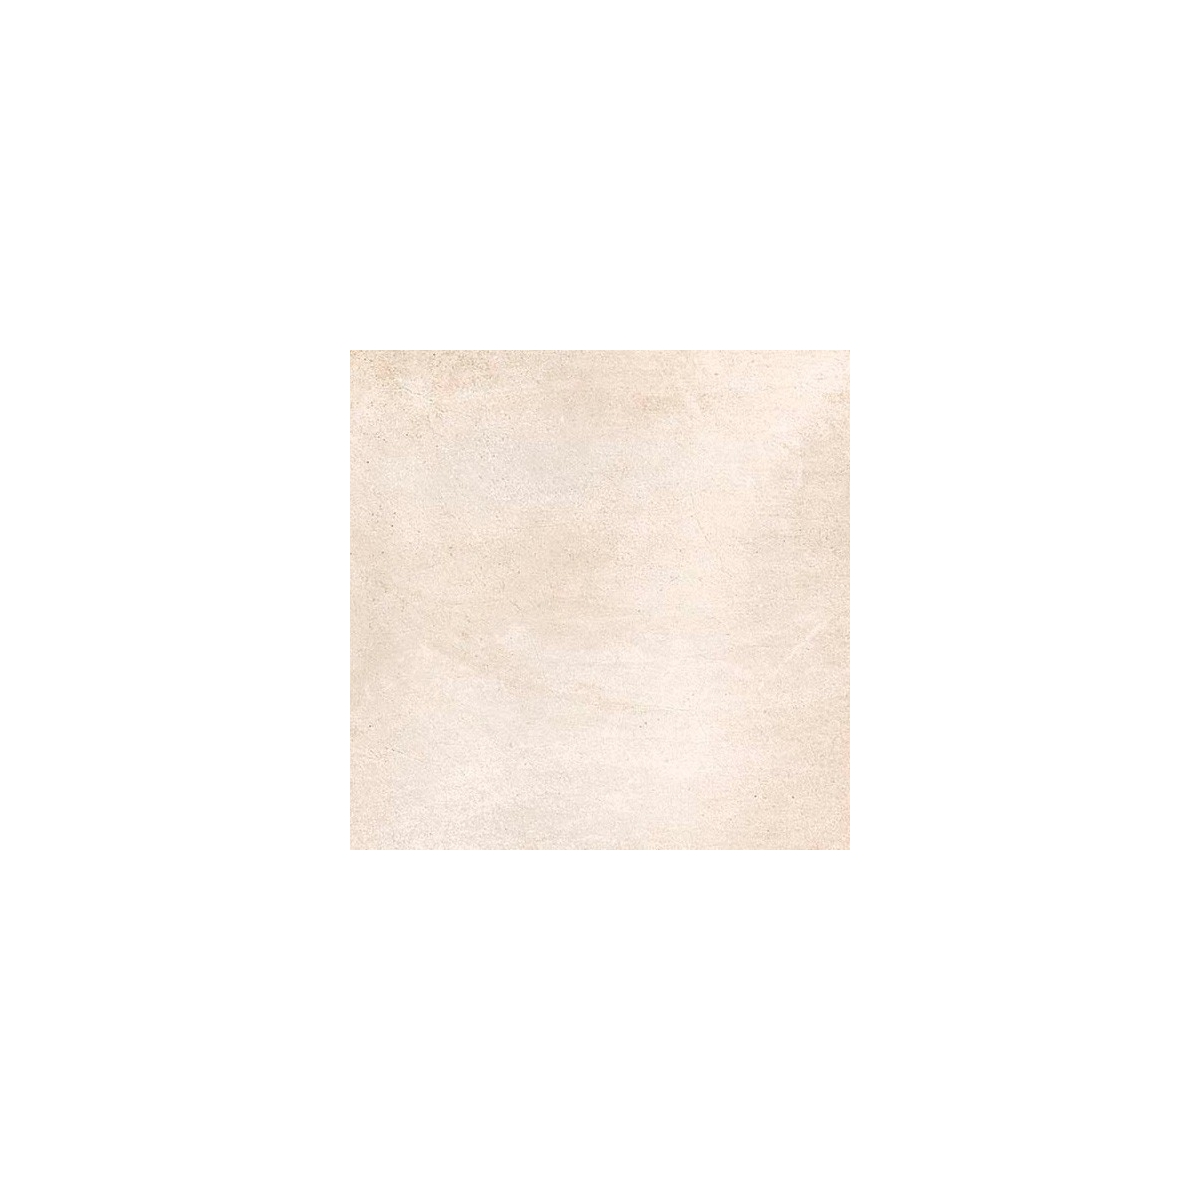 Taco Lydd Arena - Pavimento no rectangular - Marca Vives